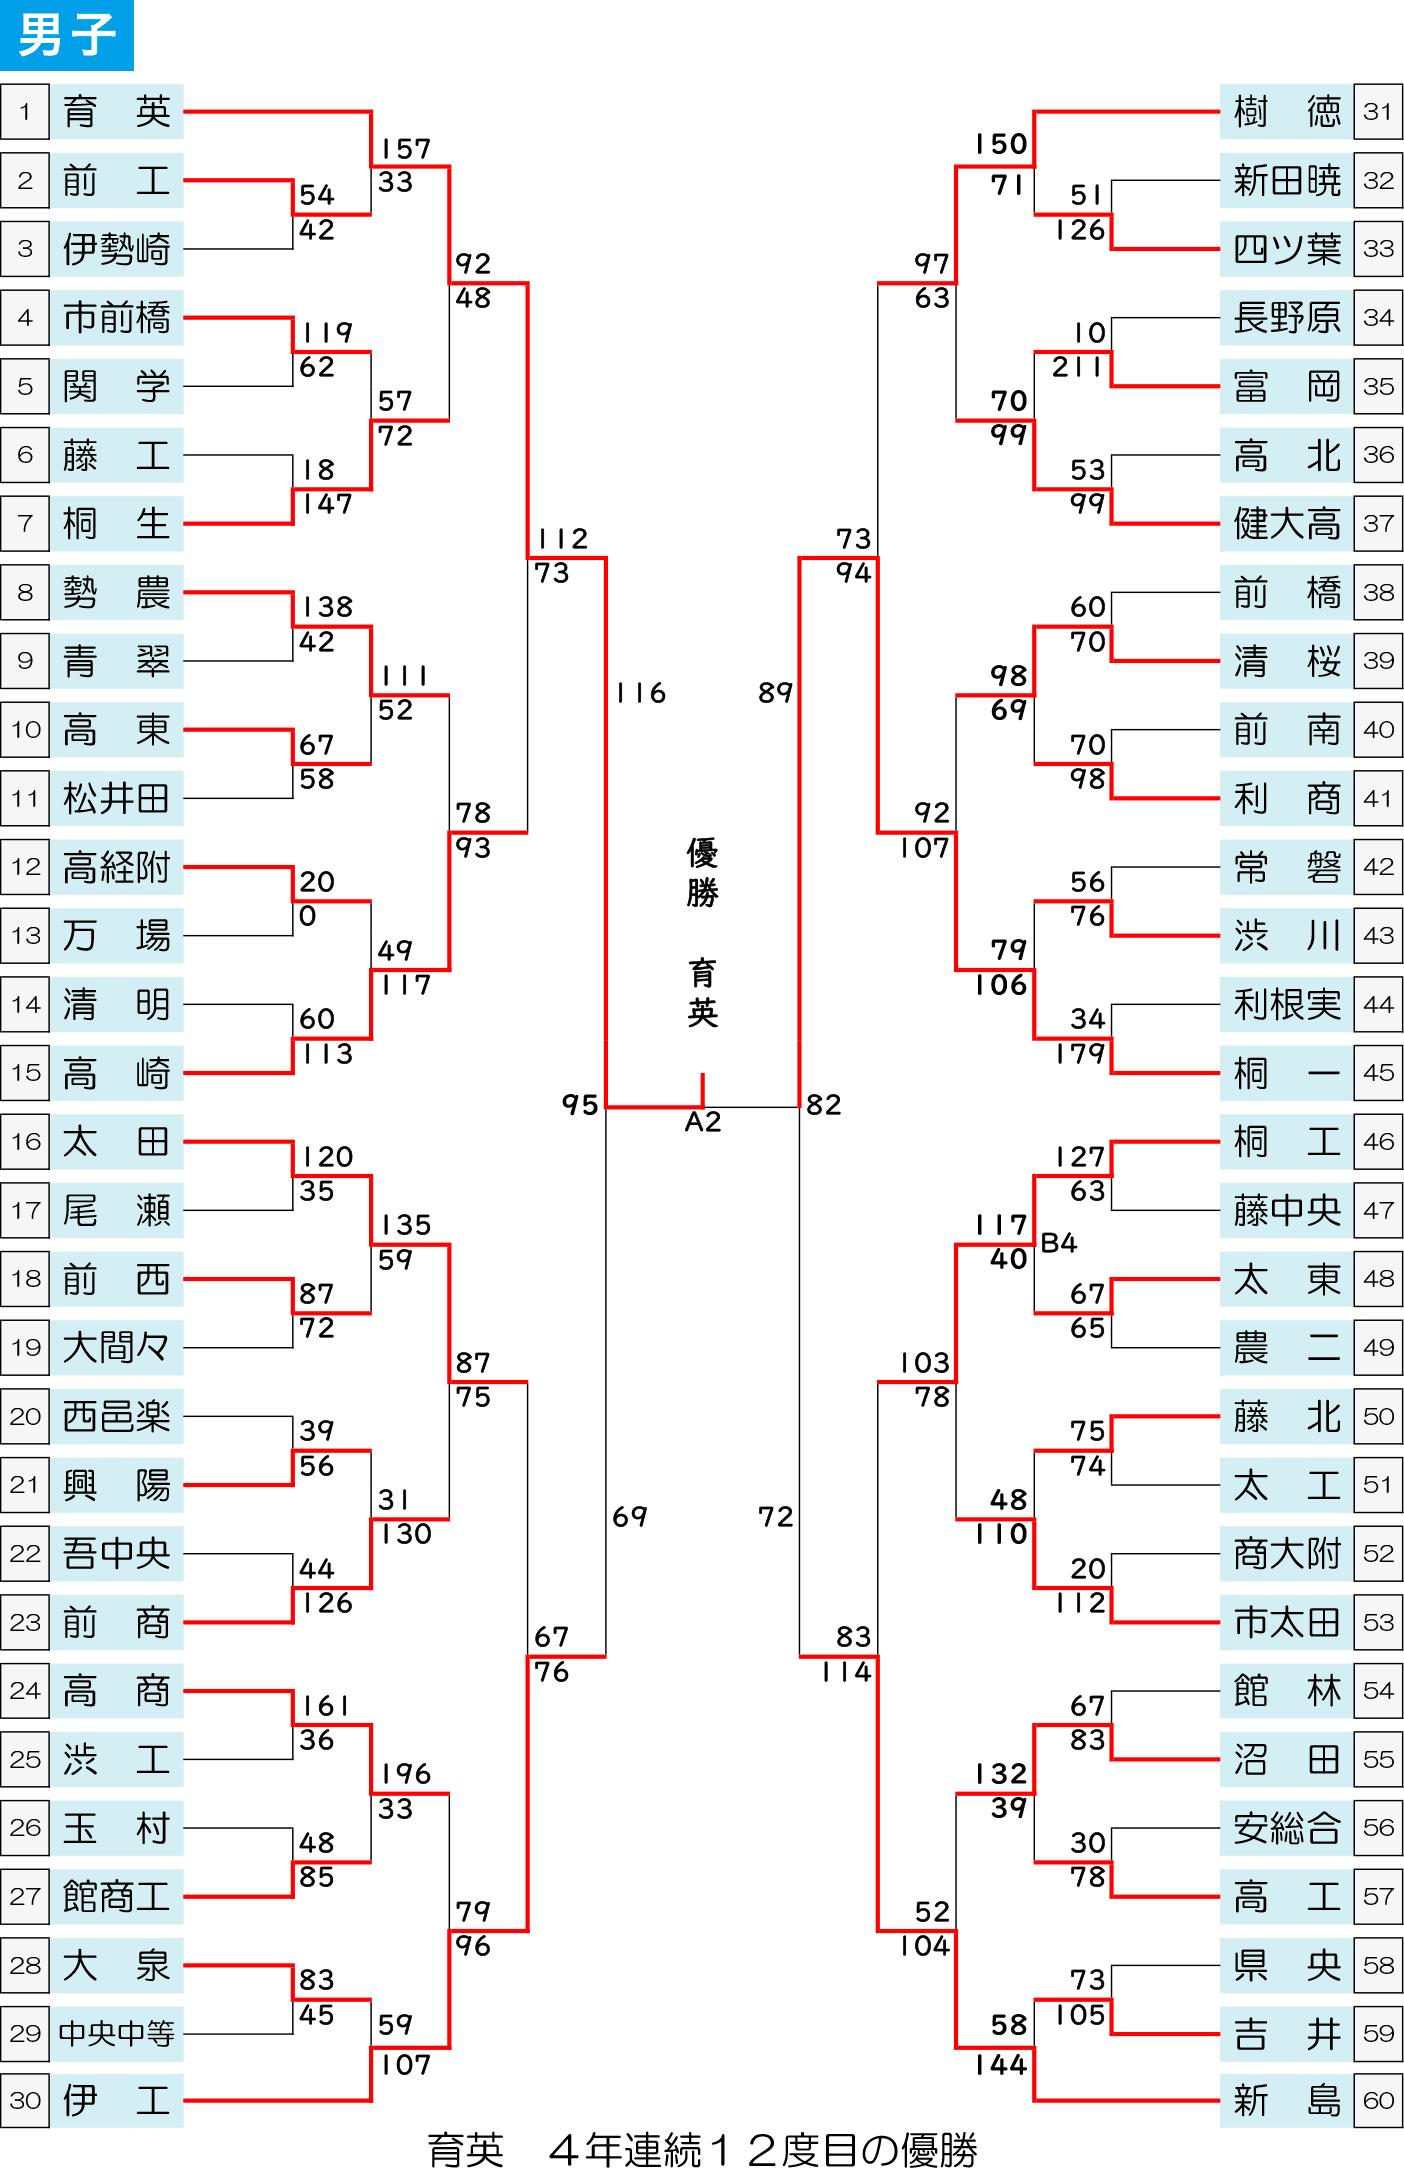 2021(令和3)年度 インターハイ予選 - 男子 大会結果